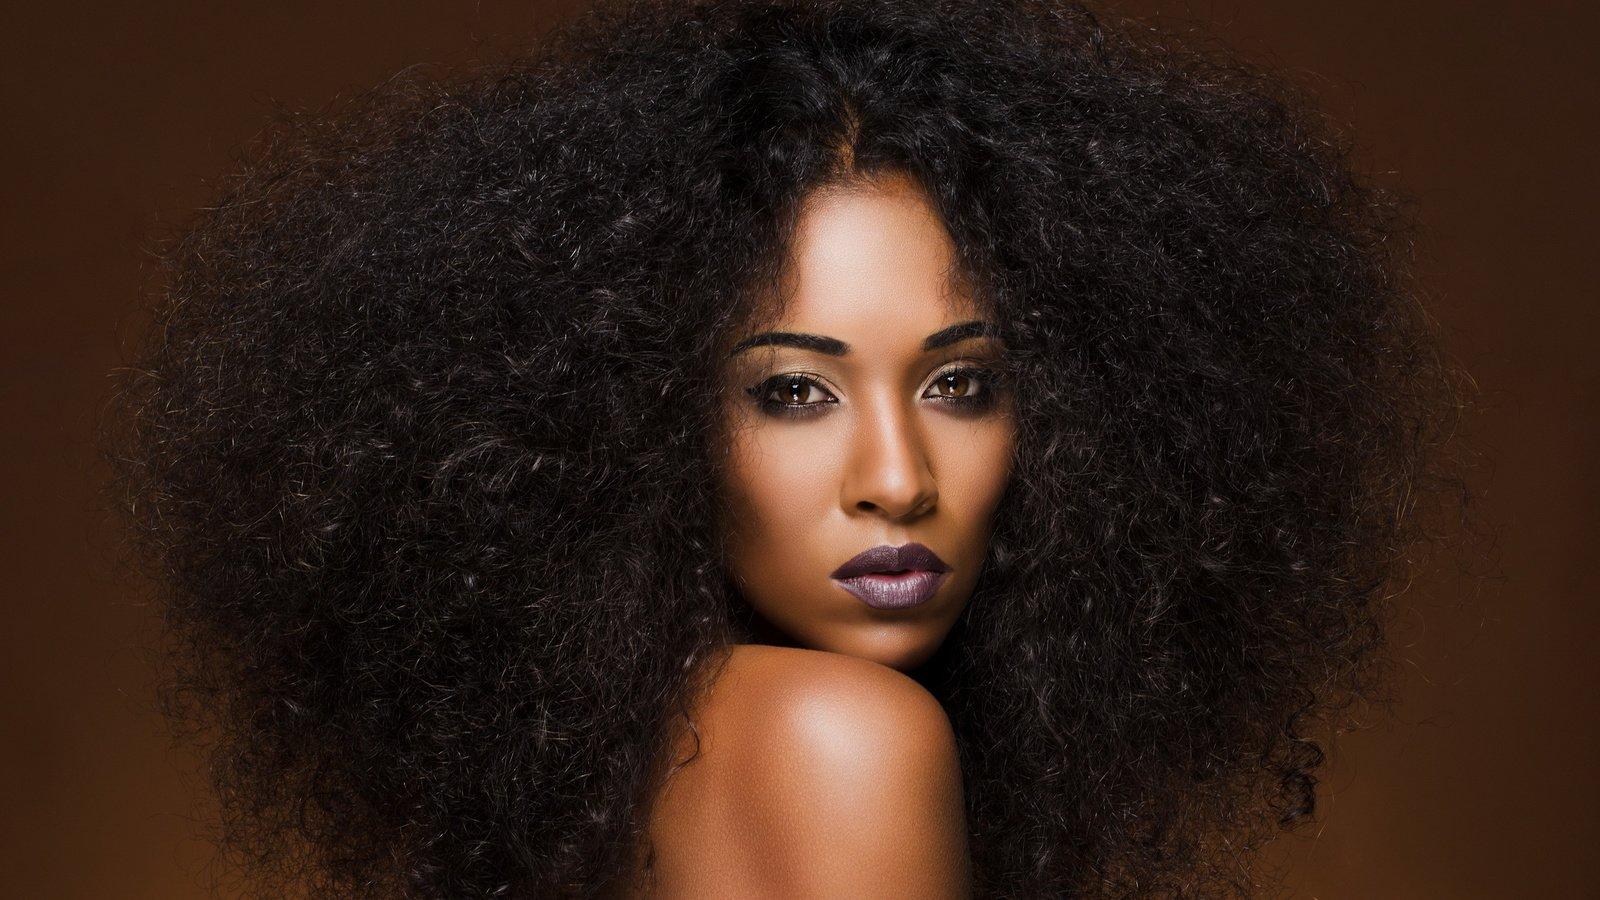 Самые черные африканки, Негритянки секс фото 25 фотография